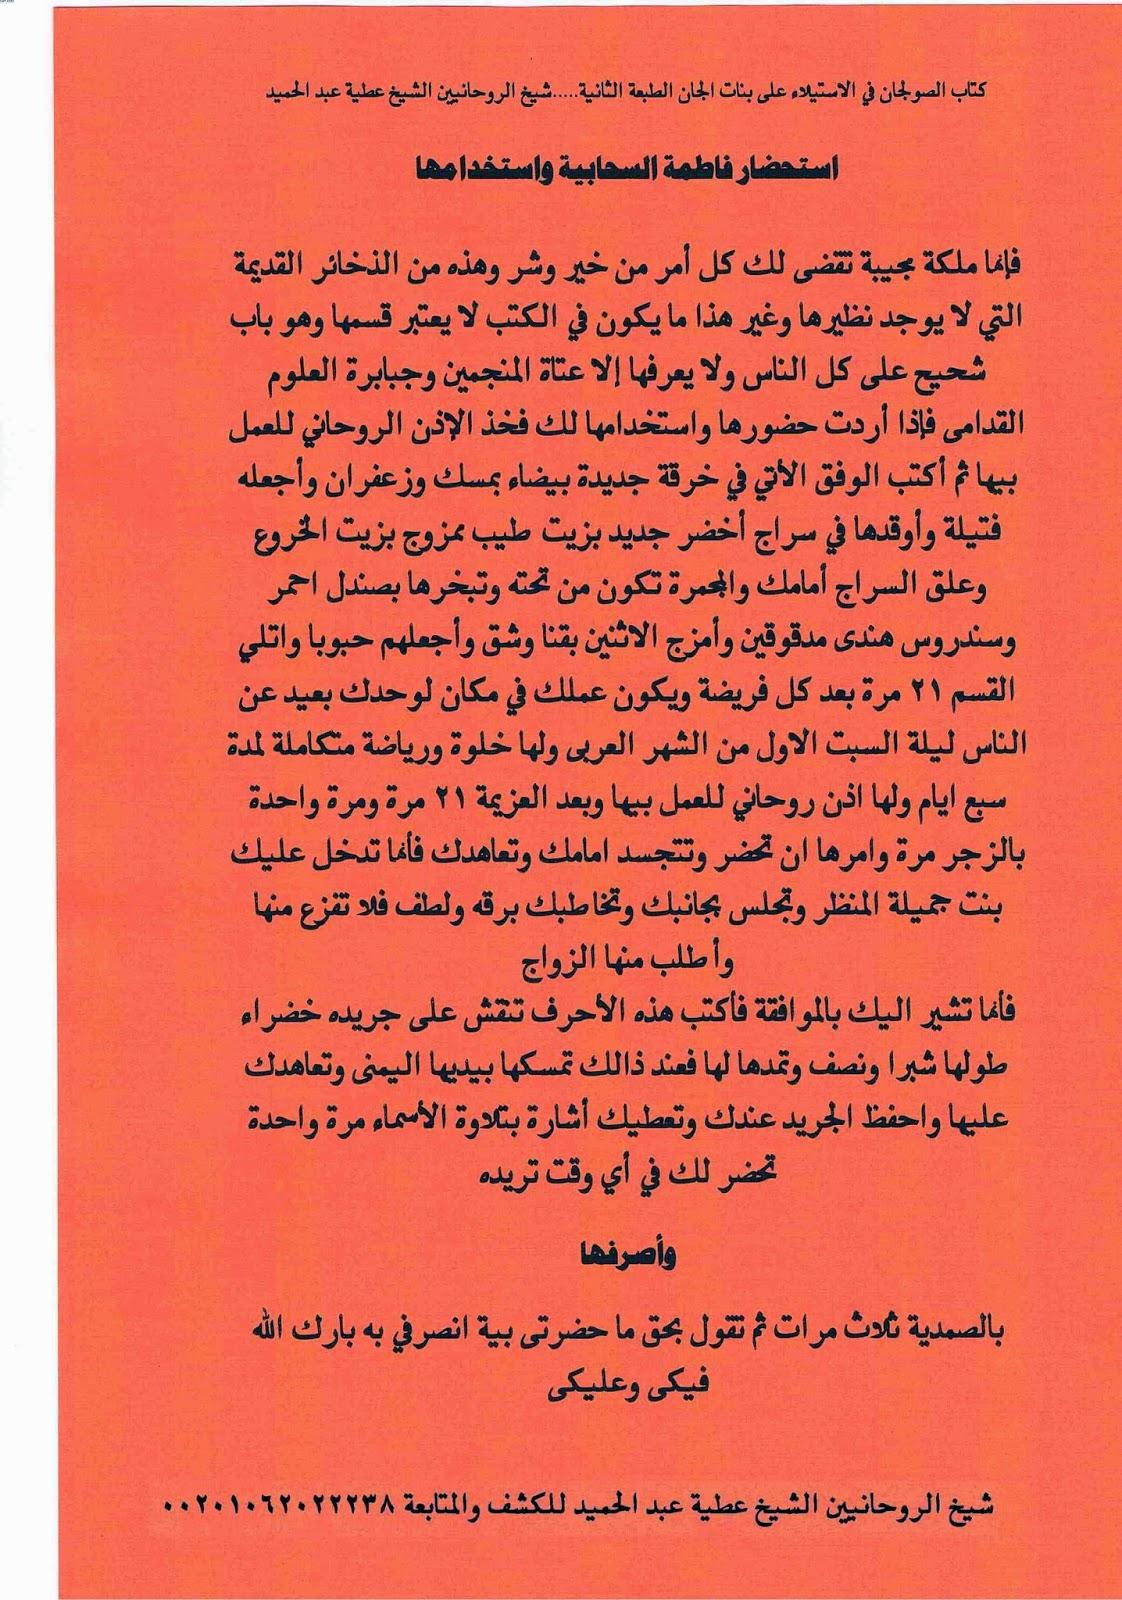 كتب الشيخ عطية عبد الحميد مجانا